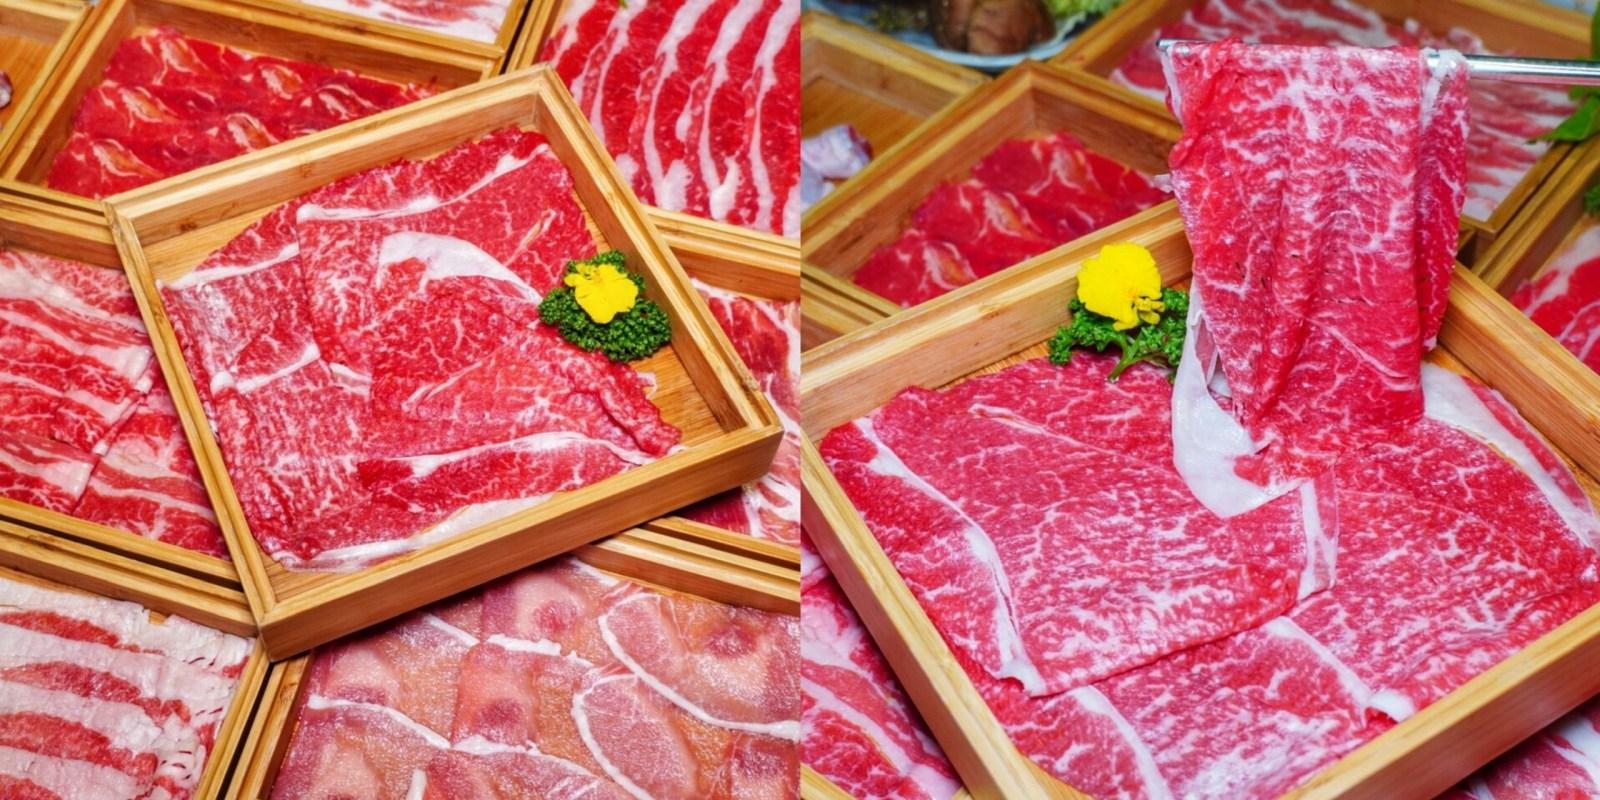 台中和牛吃到飽【日暮裏 冷藏和牛鍋物放題】來台南插旗了!! 458元起 11種肉品/蔬菜吧/和牛咖哩壽喜燒吃到爽|台南美食